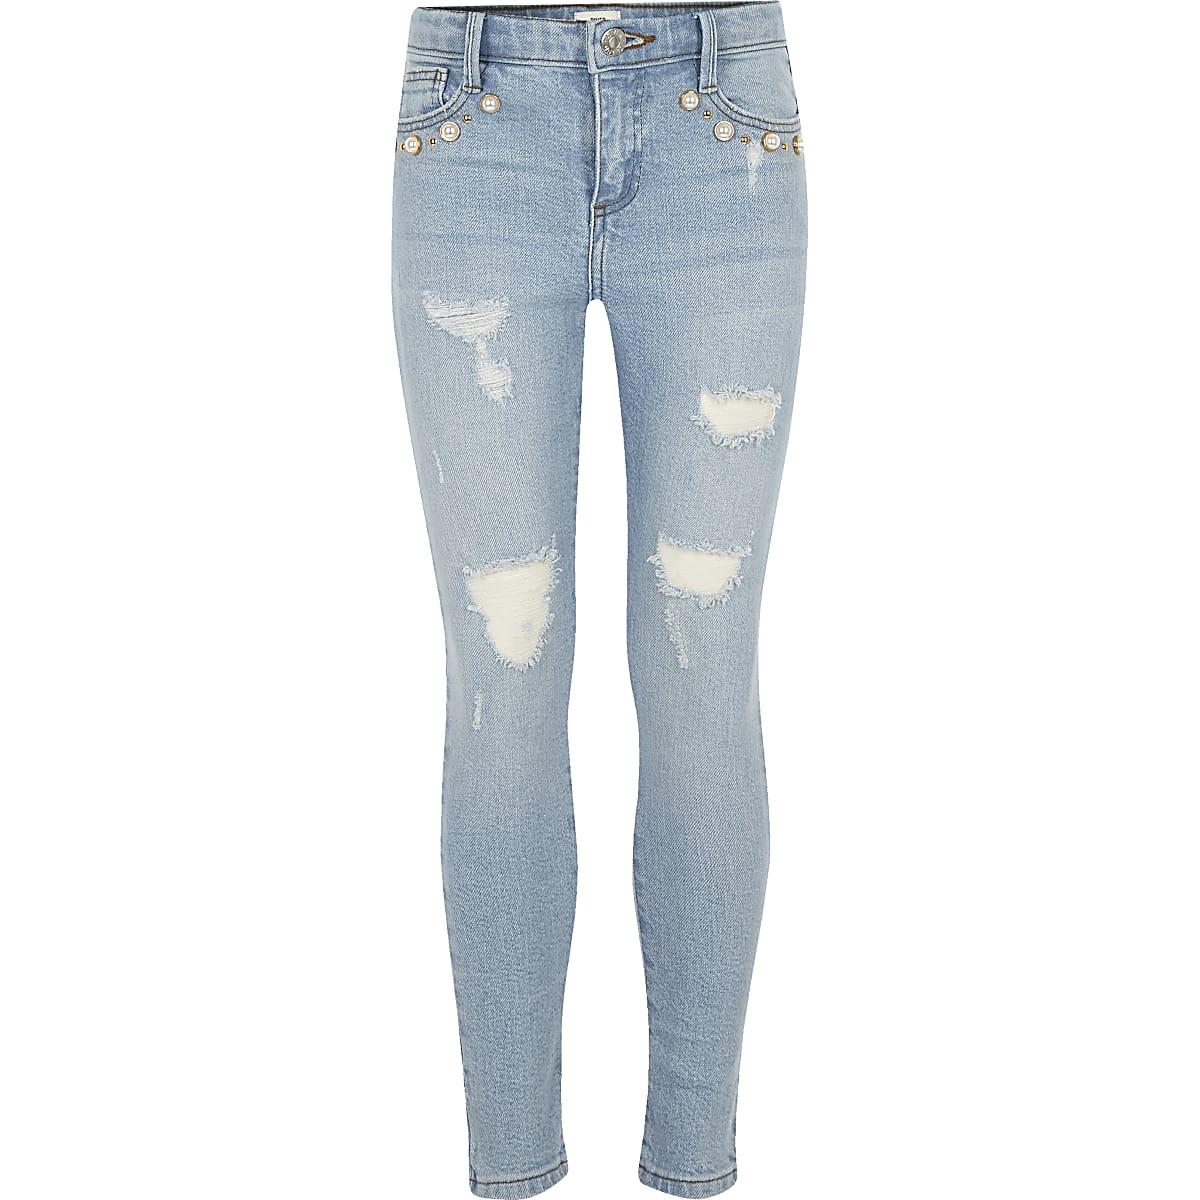 Amelie- Jeans met pareltjes en lichtblauwe wash voor meisjes